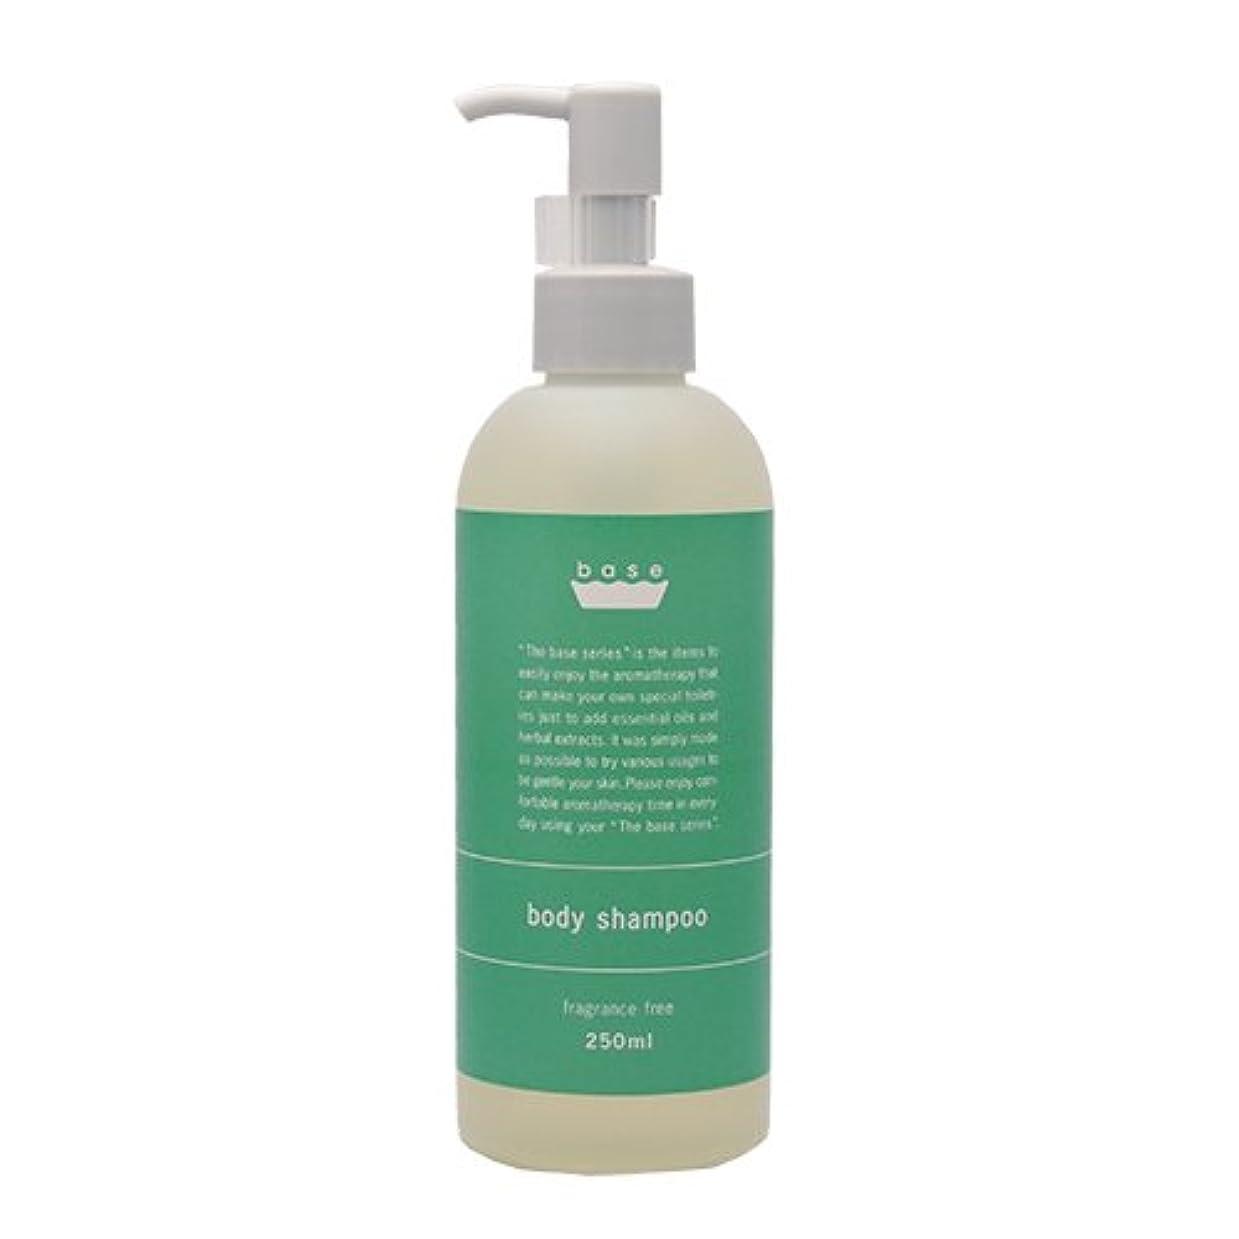 ダンス窓接ぎ木フレーバーライフ base body shampoo(ボディーシャンプー)250ml